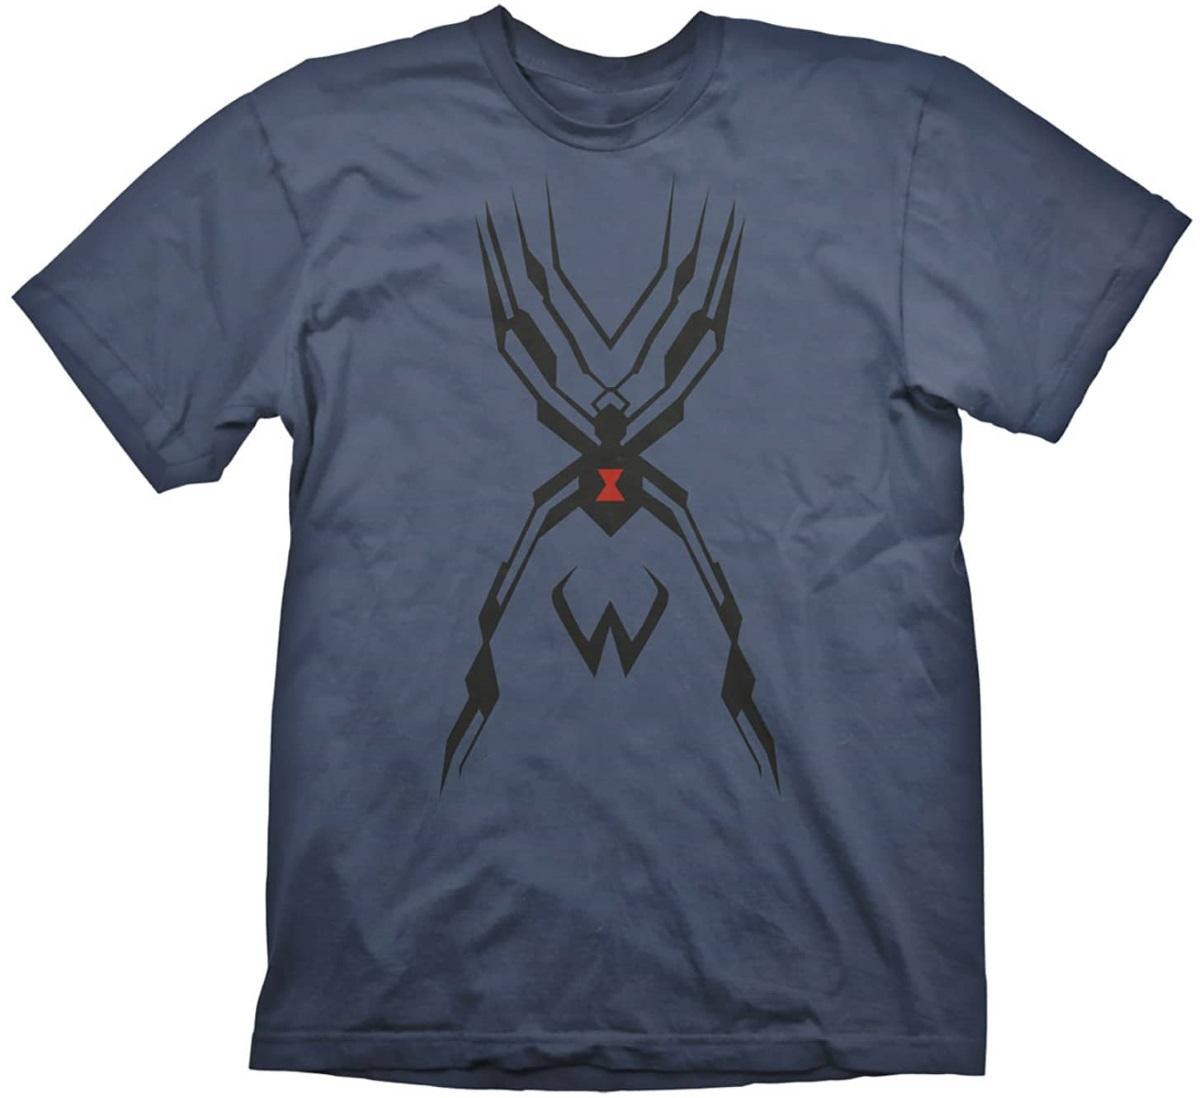 Футболка Overwatch: Widowmaker Tattoo (синяя)На футболке Overwatch: Widowmaker Tattoo синего цвета размера M изображена культовая татуировка – стилизованный паук.<br>